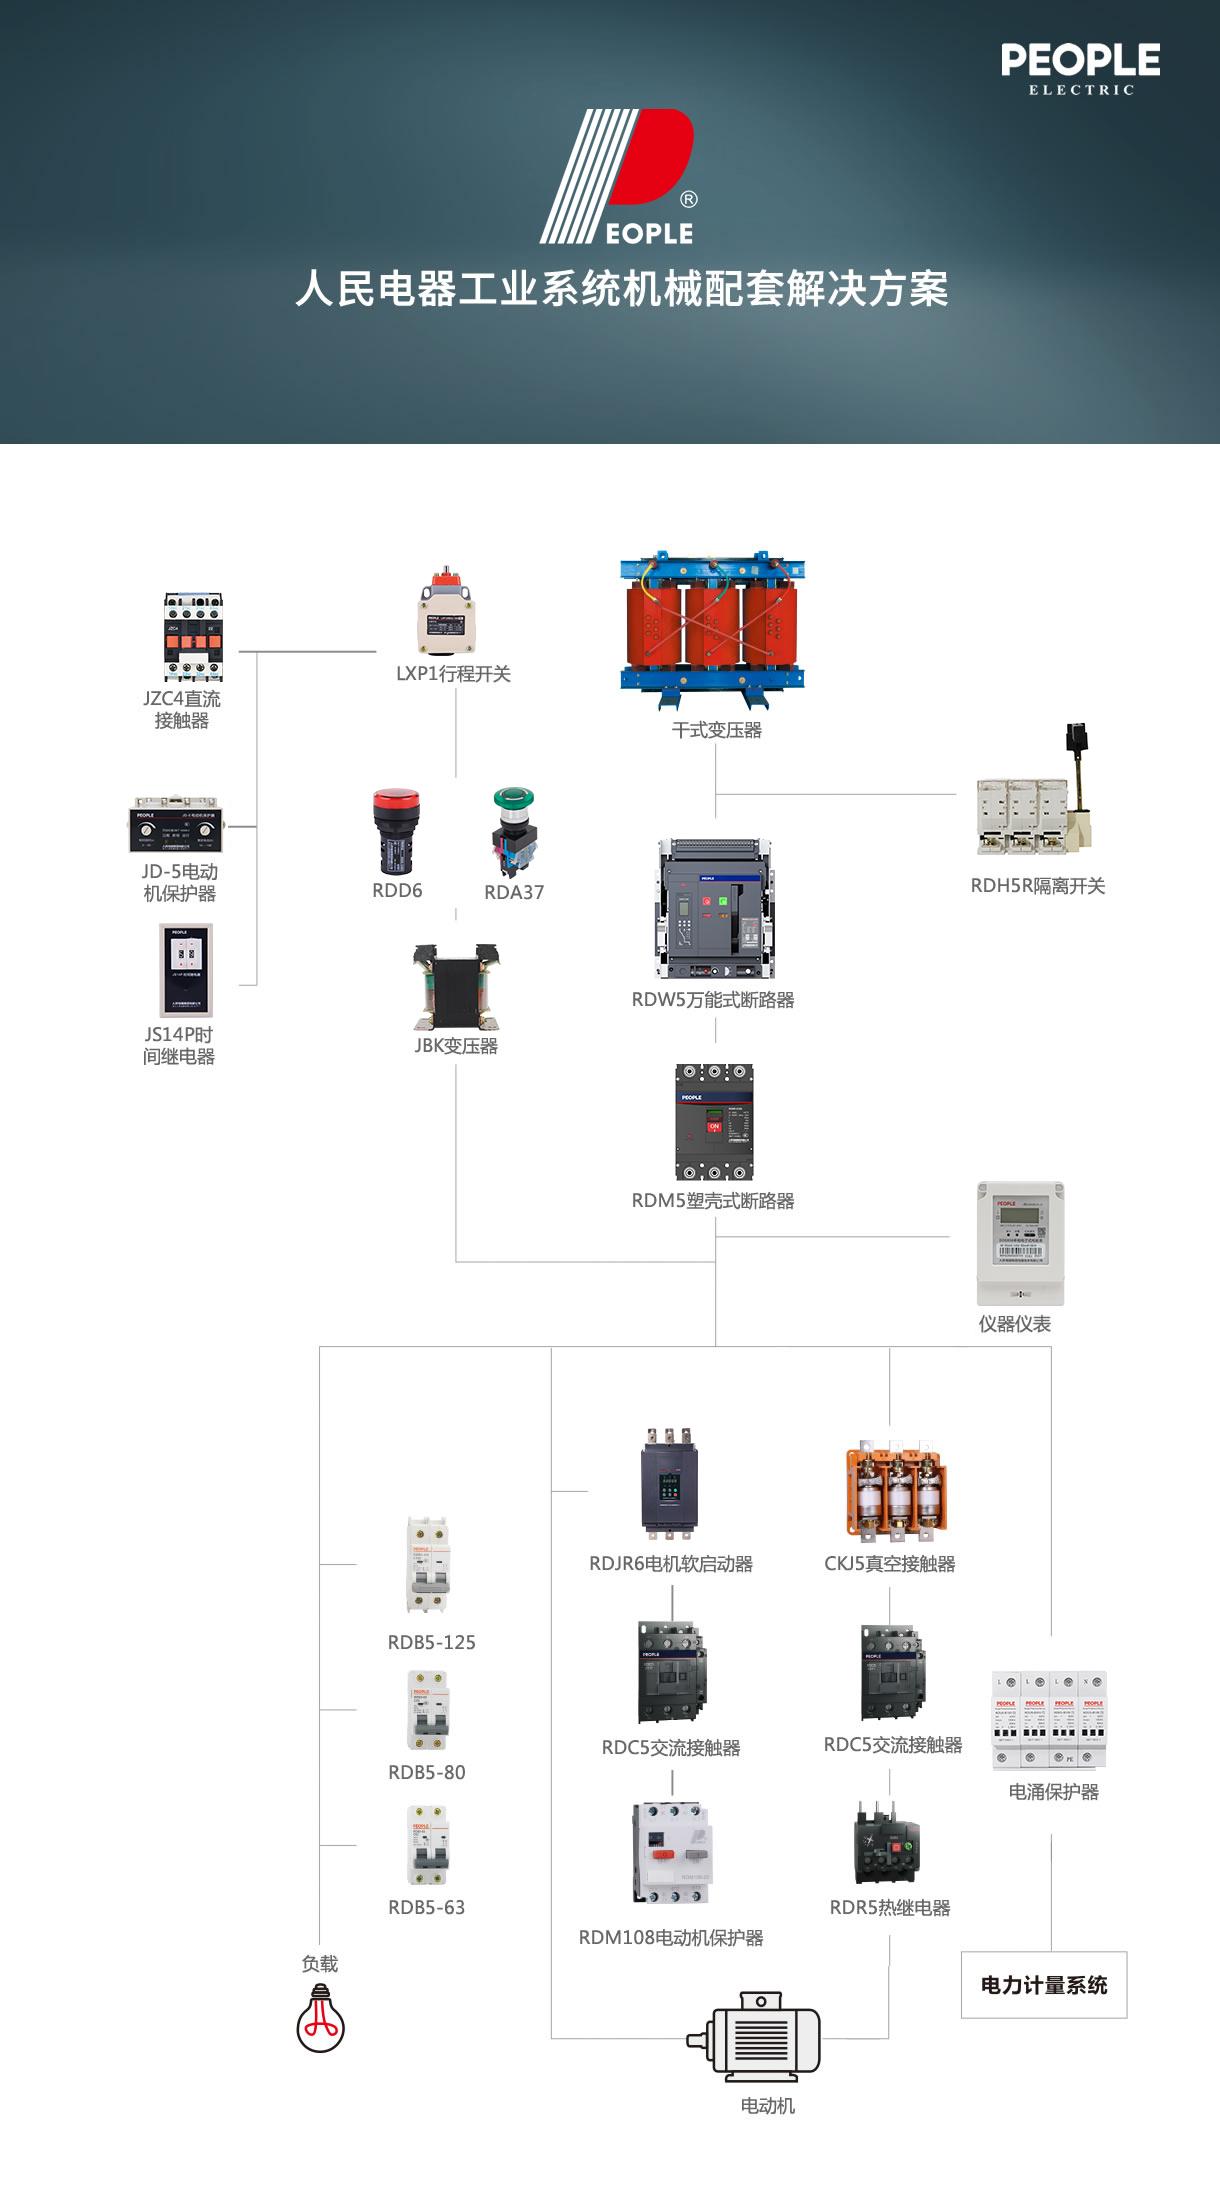 工业系统机械配套解决方案